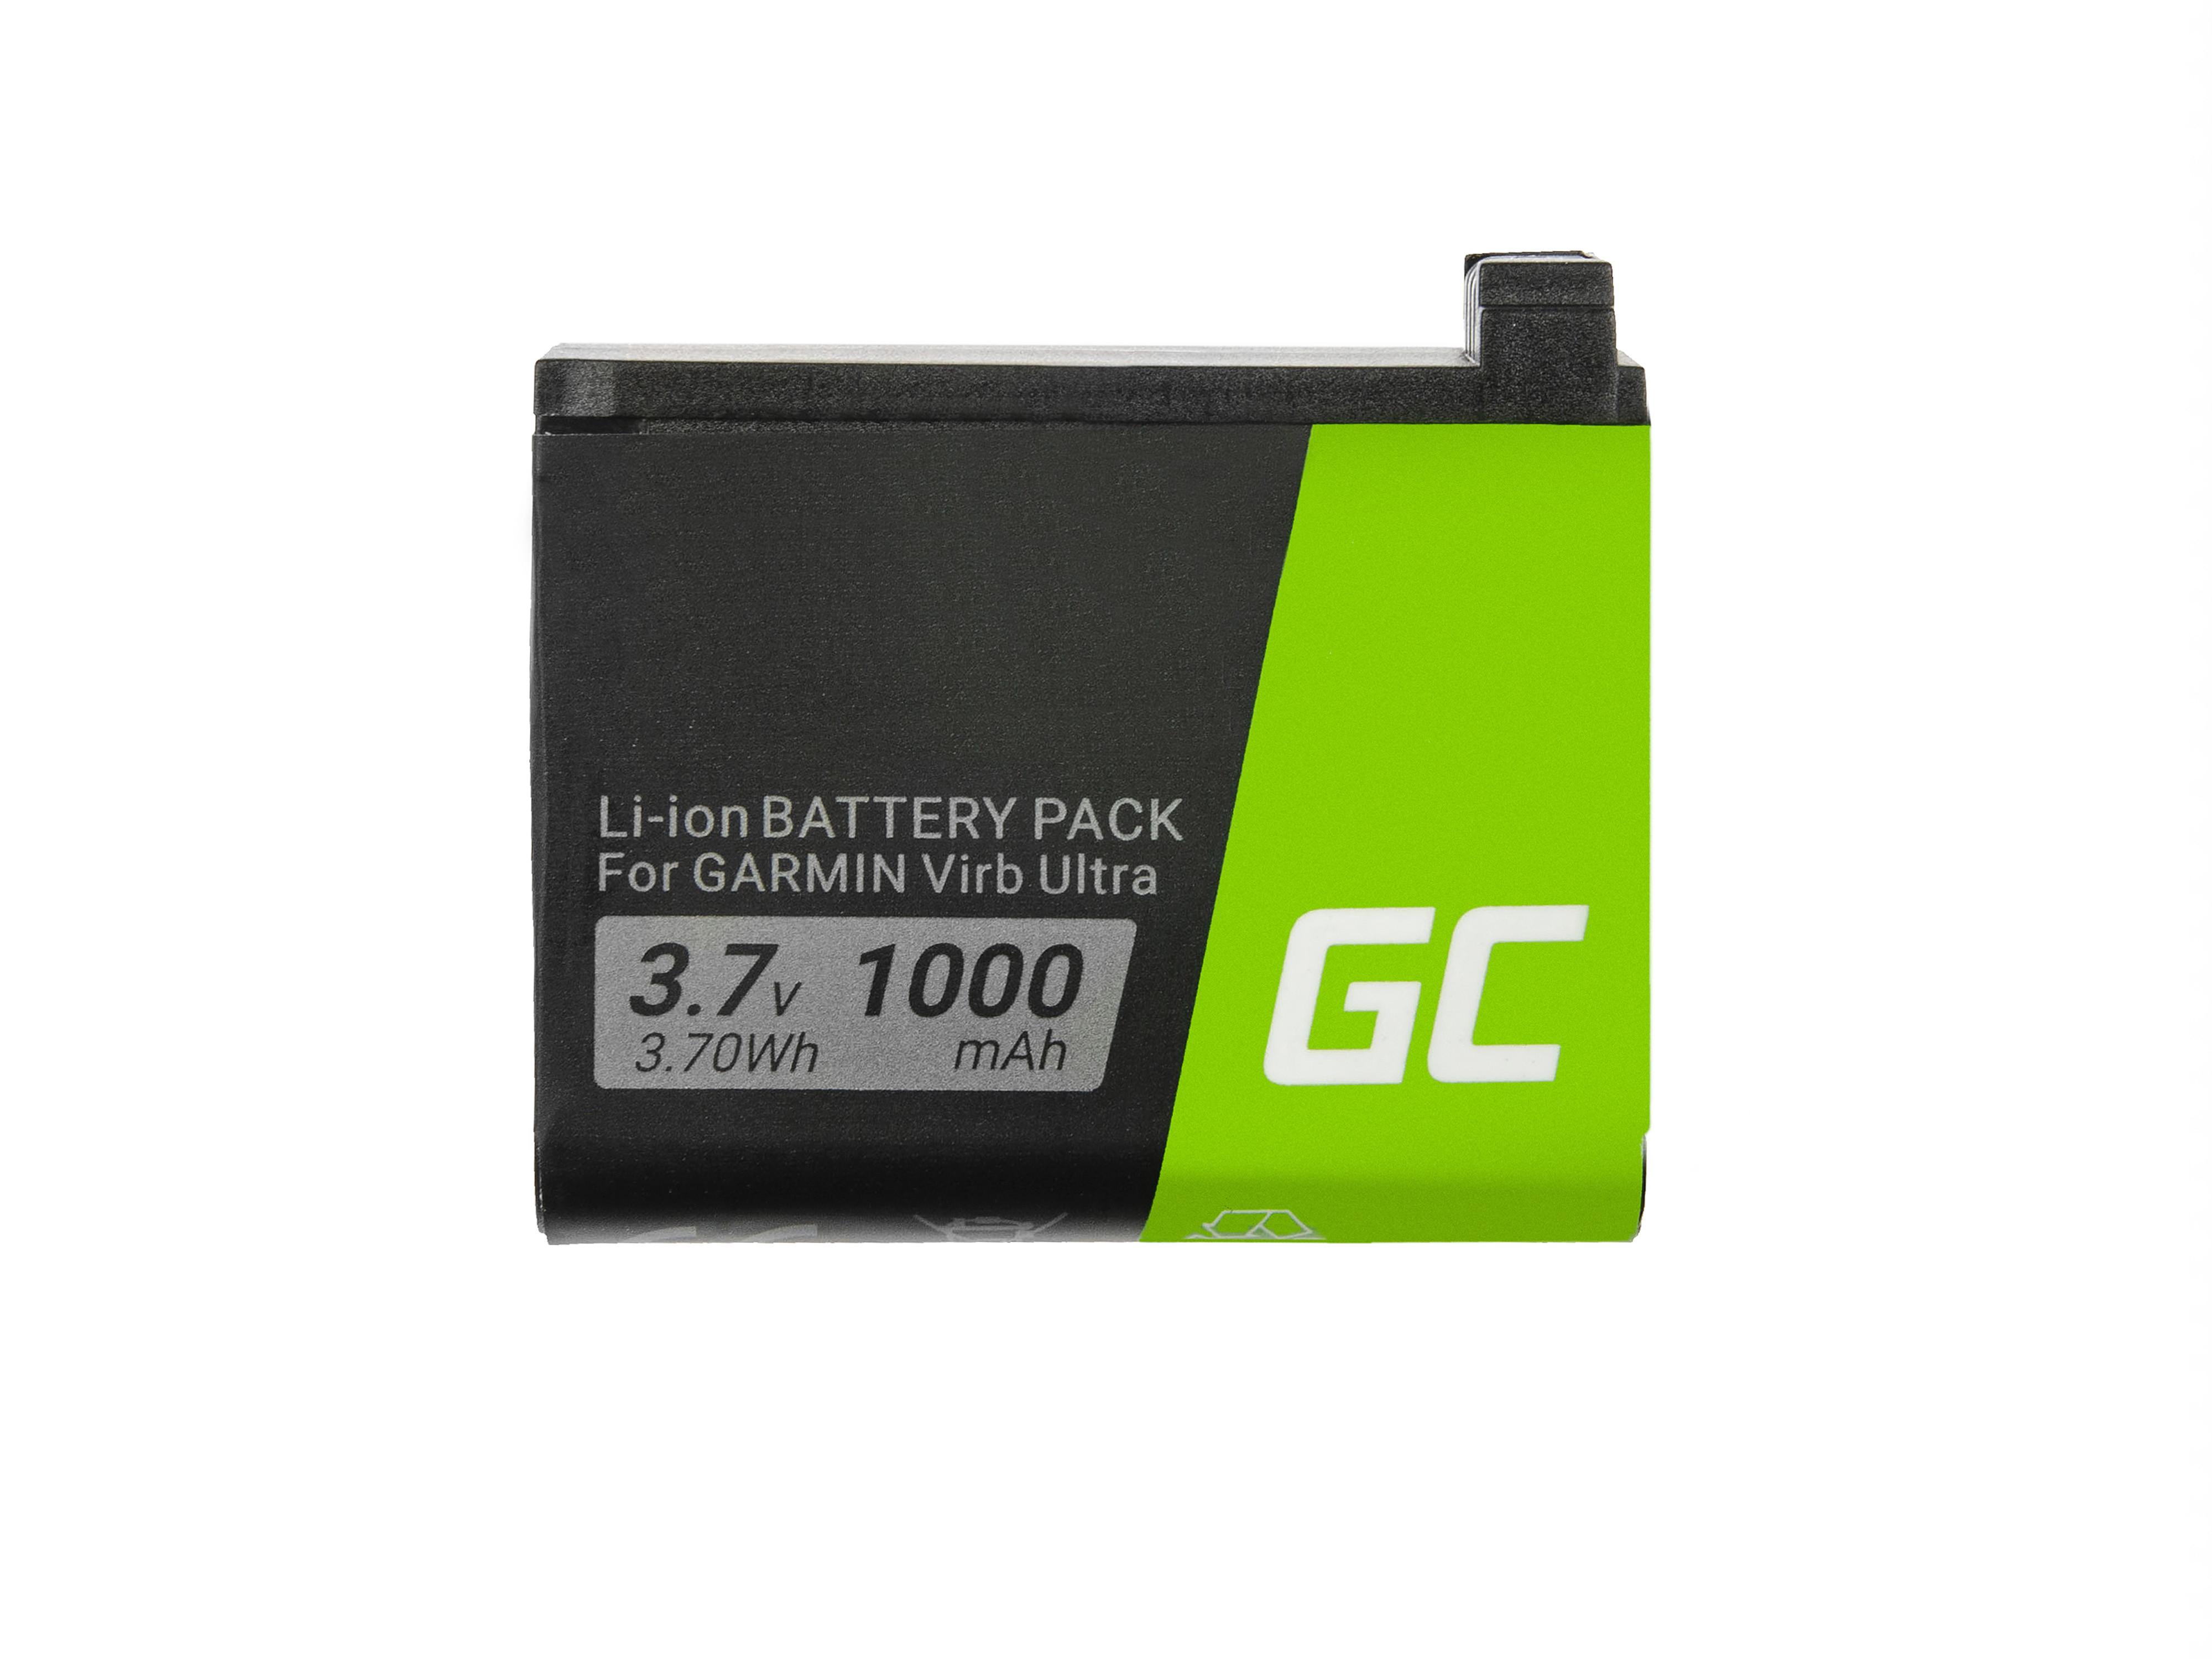 Batteri Green Cell361-00087-00 010-12389-15 gör kamery Garmin Virb Ultra 30 3.7V 1000mAh